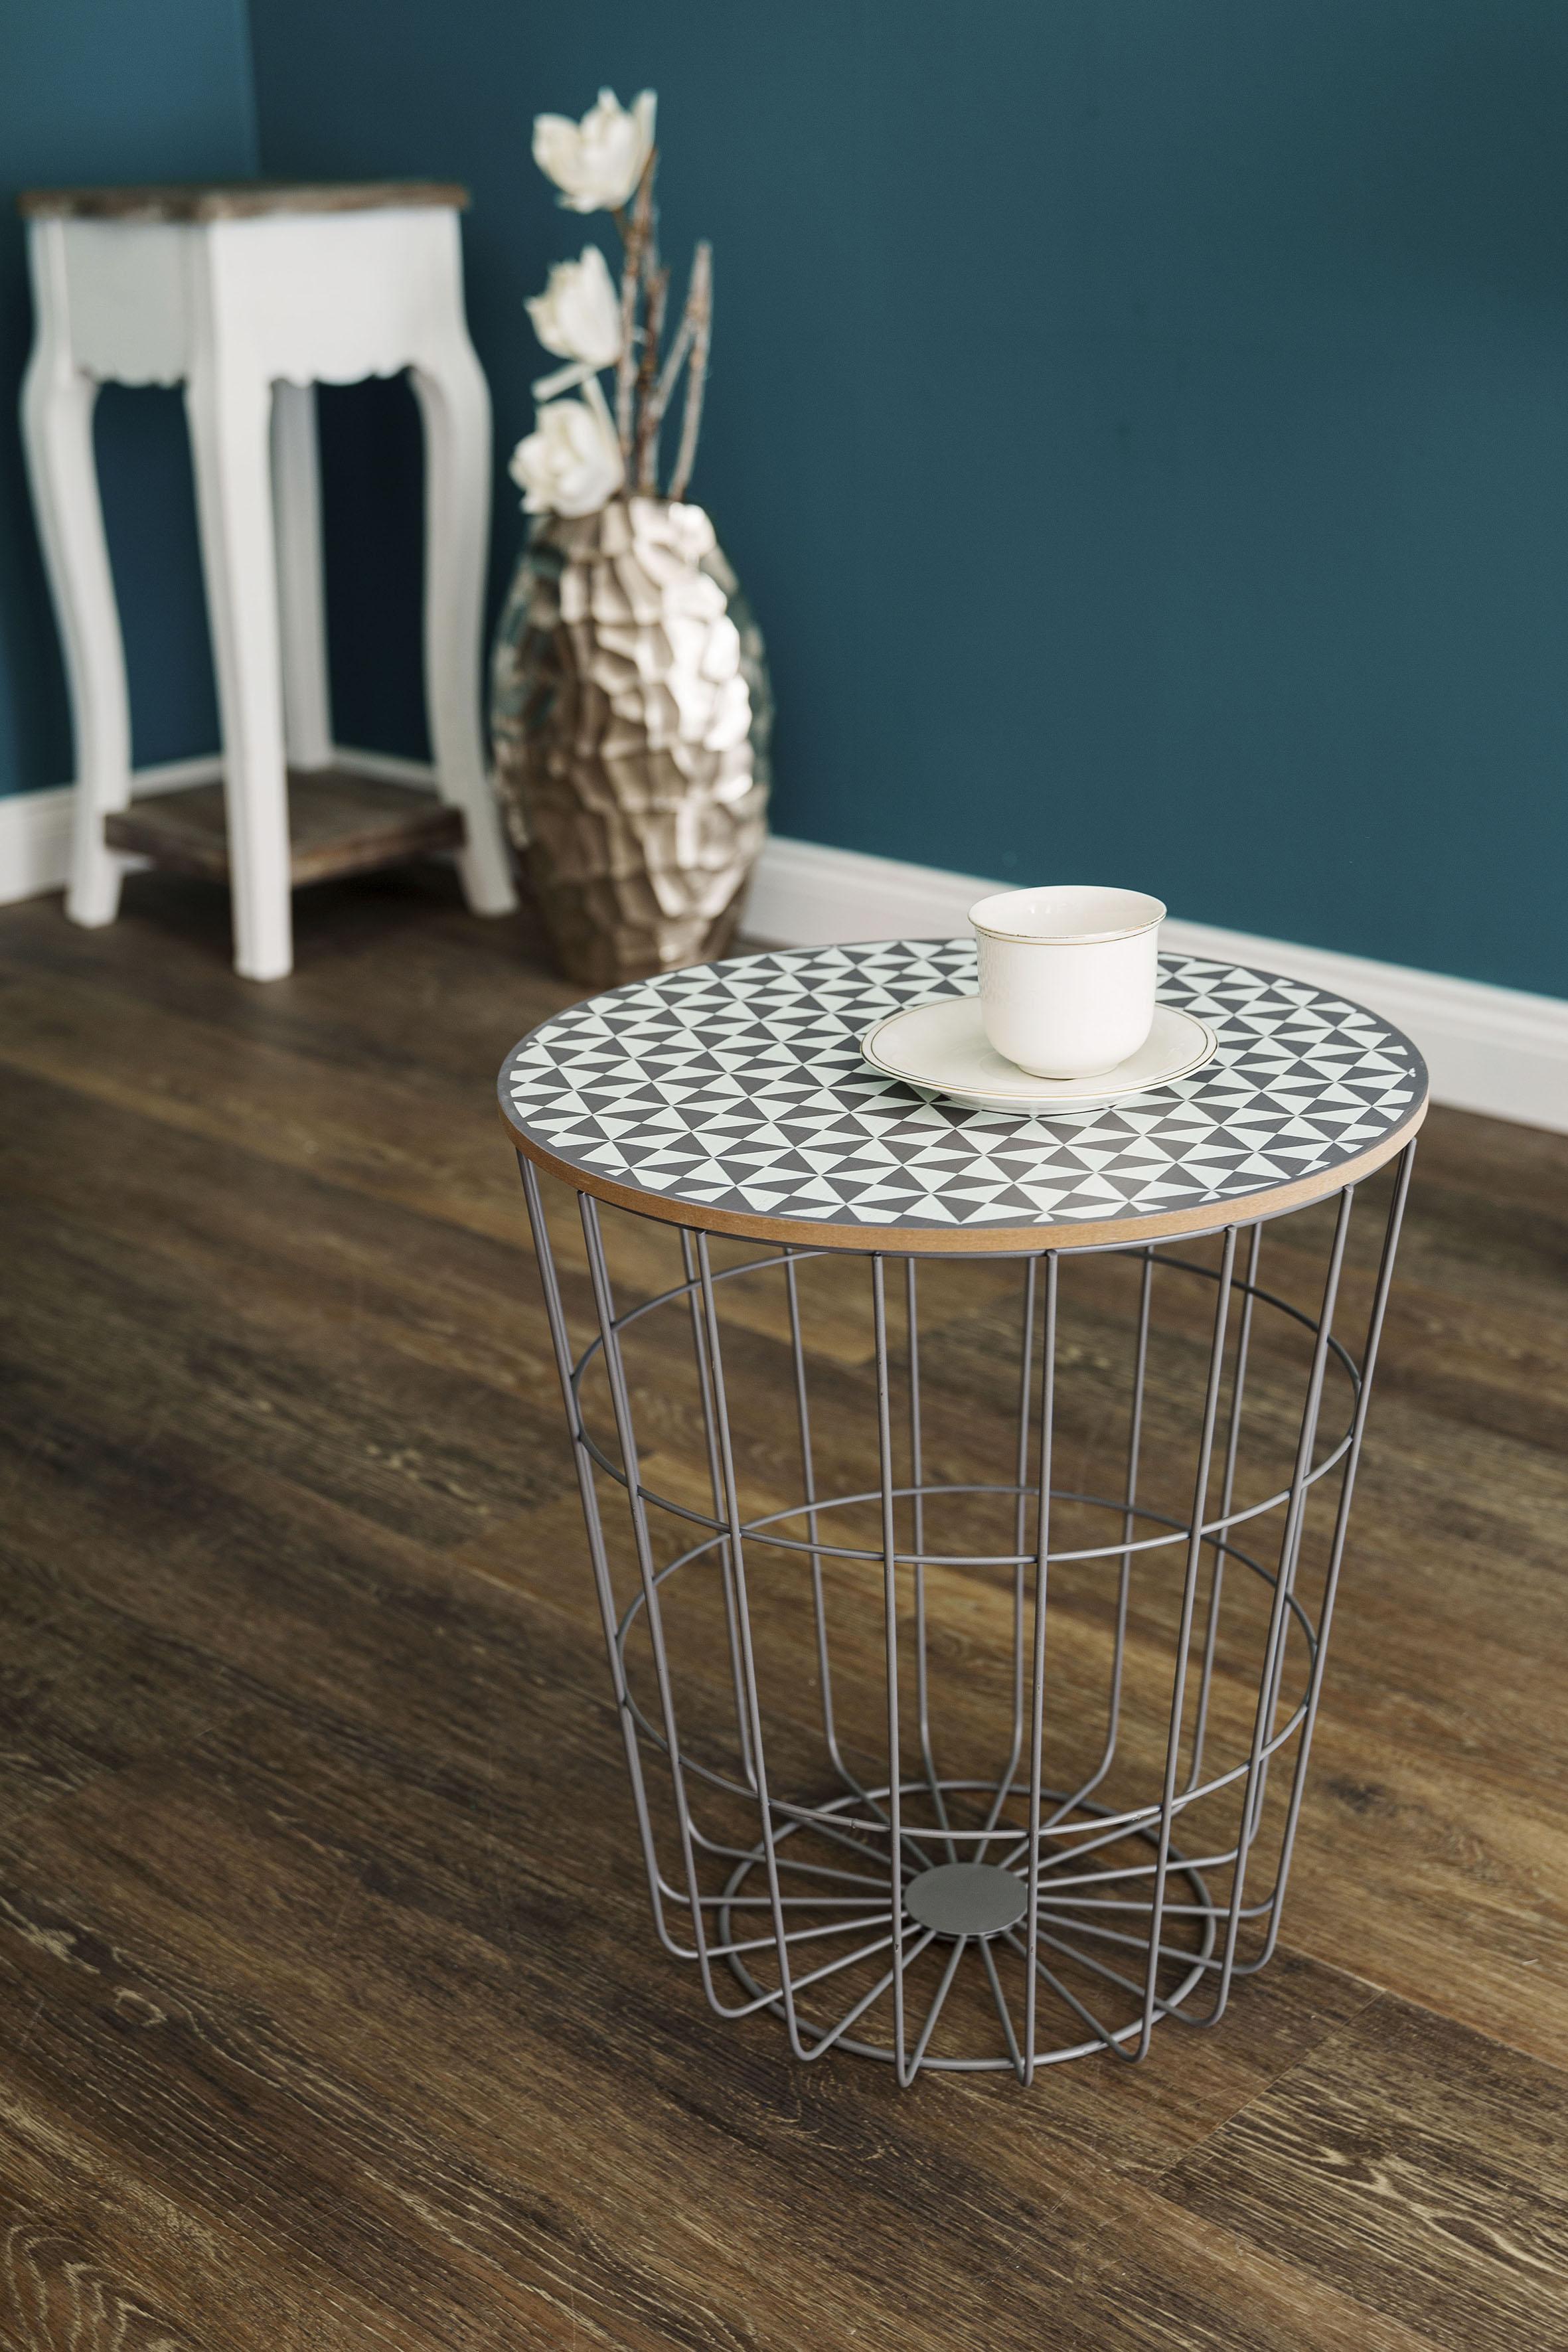 Beistelltisch Eugen, Rund, lackiertem Gestell und Tischplatte, Gemusterte Tischplatte im Skandinavischem Design grau Beistelltische Tische